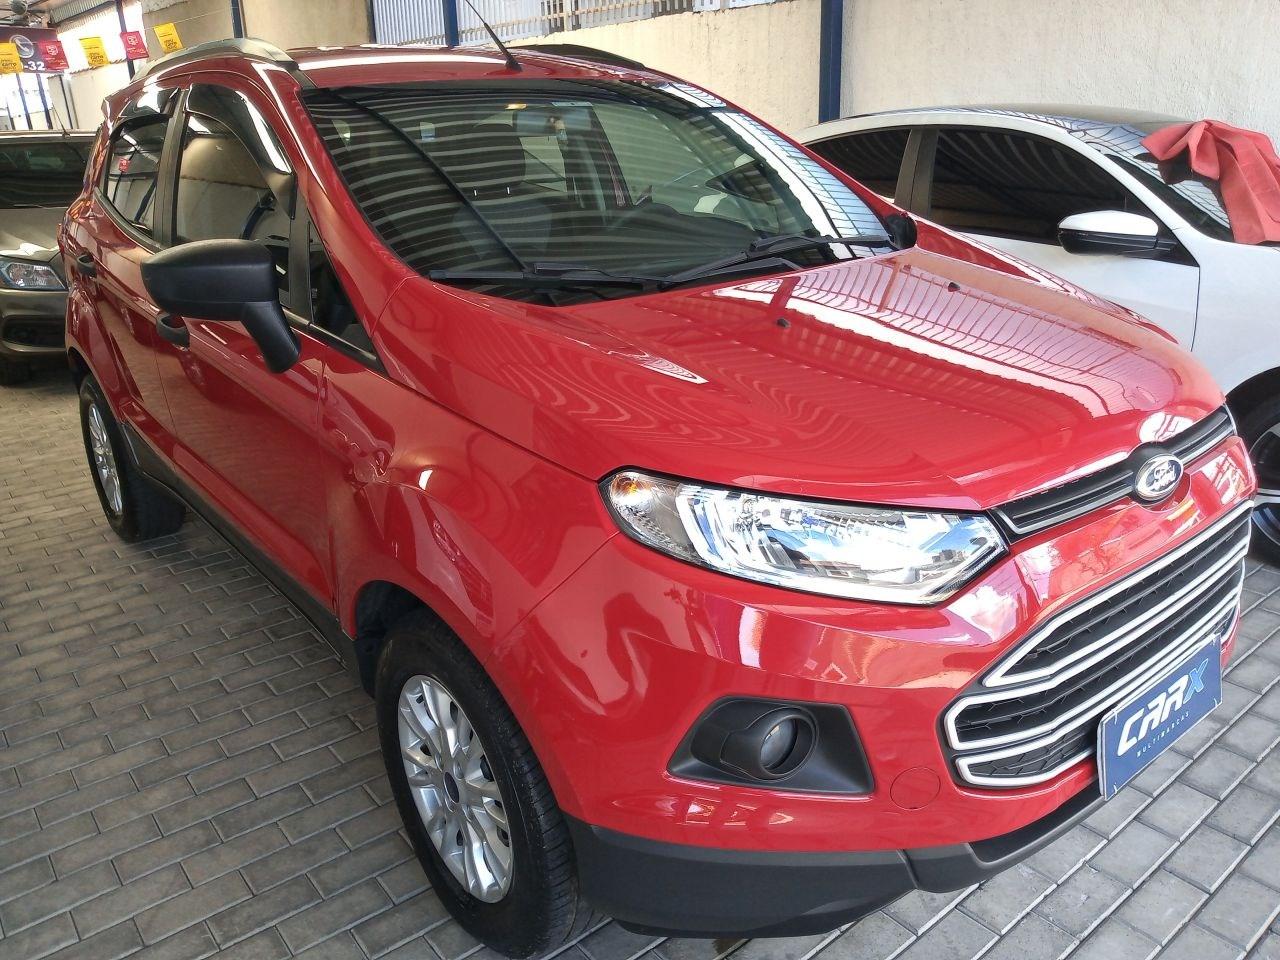 //www.autoline.com.br/carro/ford/ecosport-16-se-16v-flex-4p-manual/2014/salto-sp/14341615